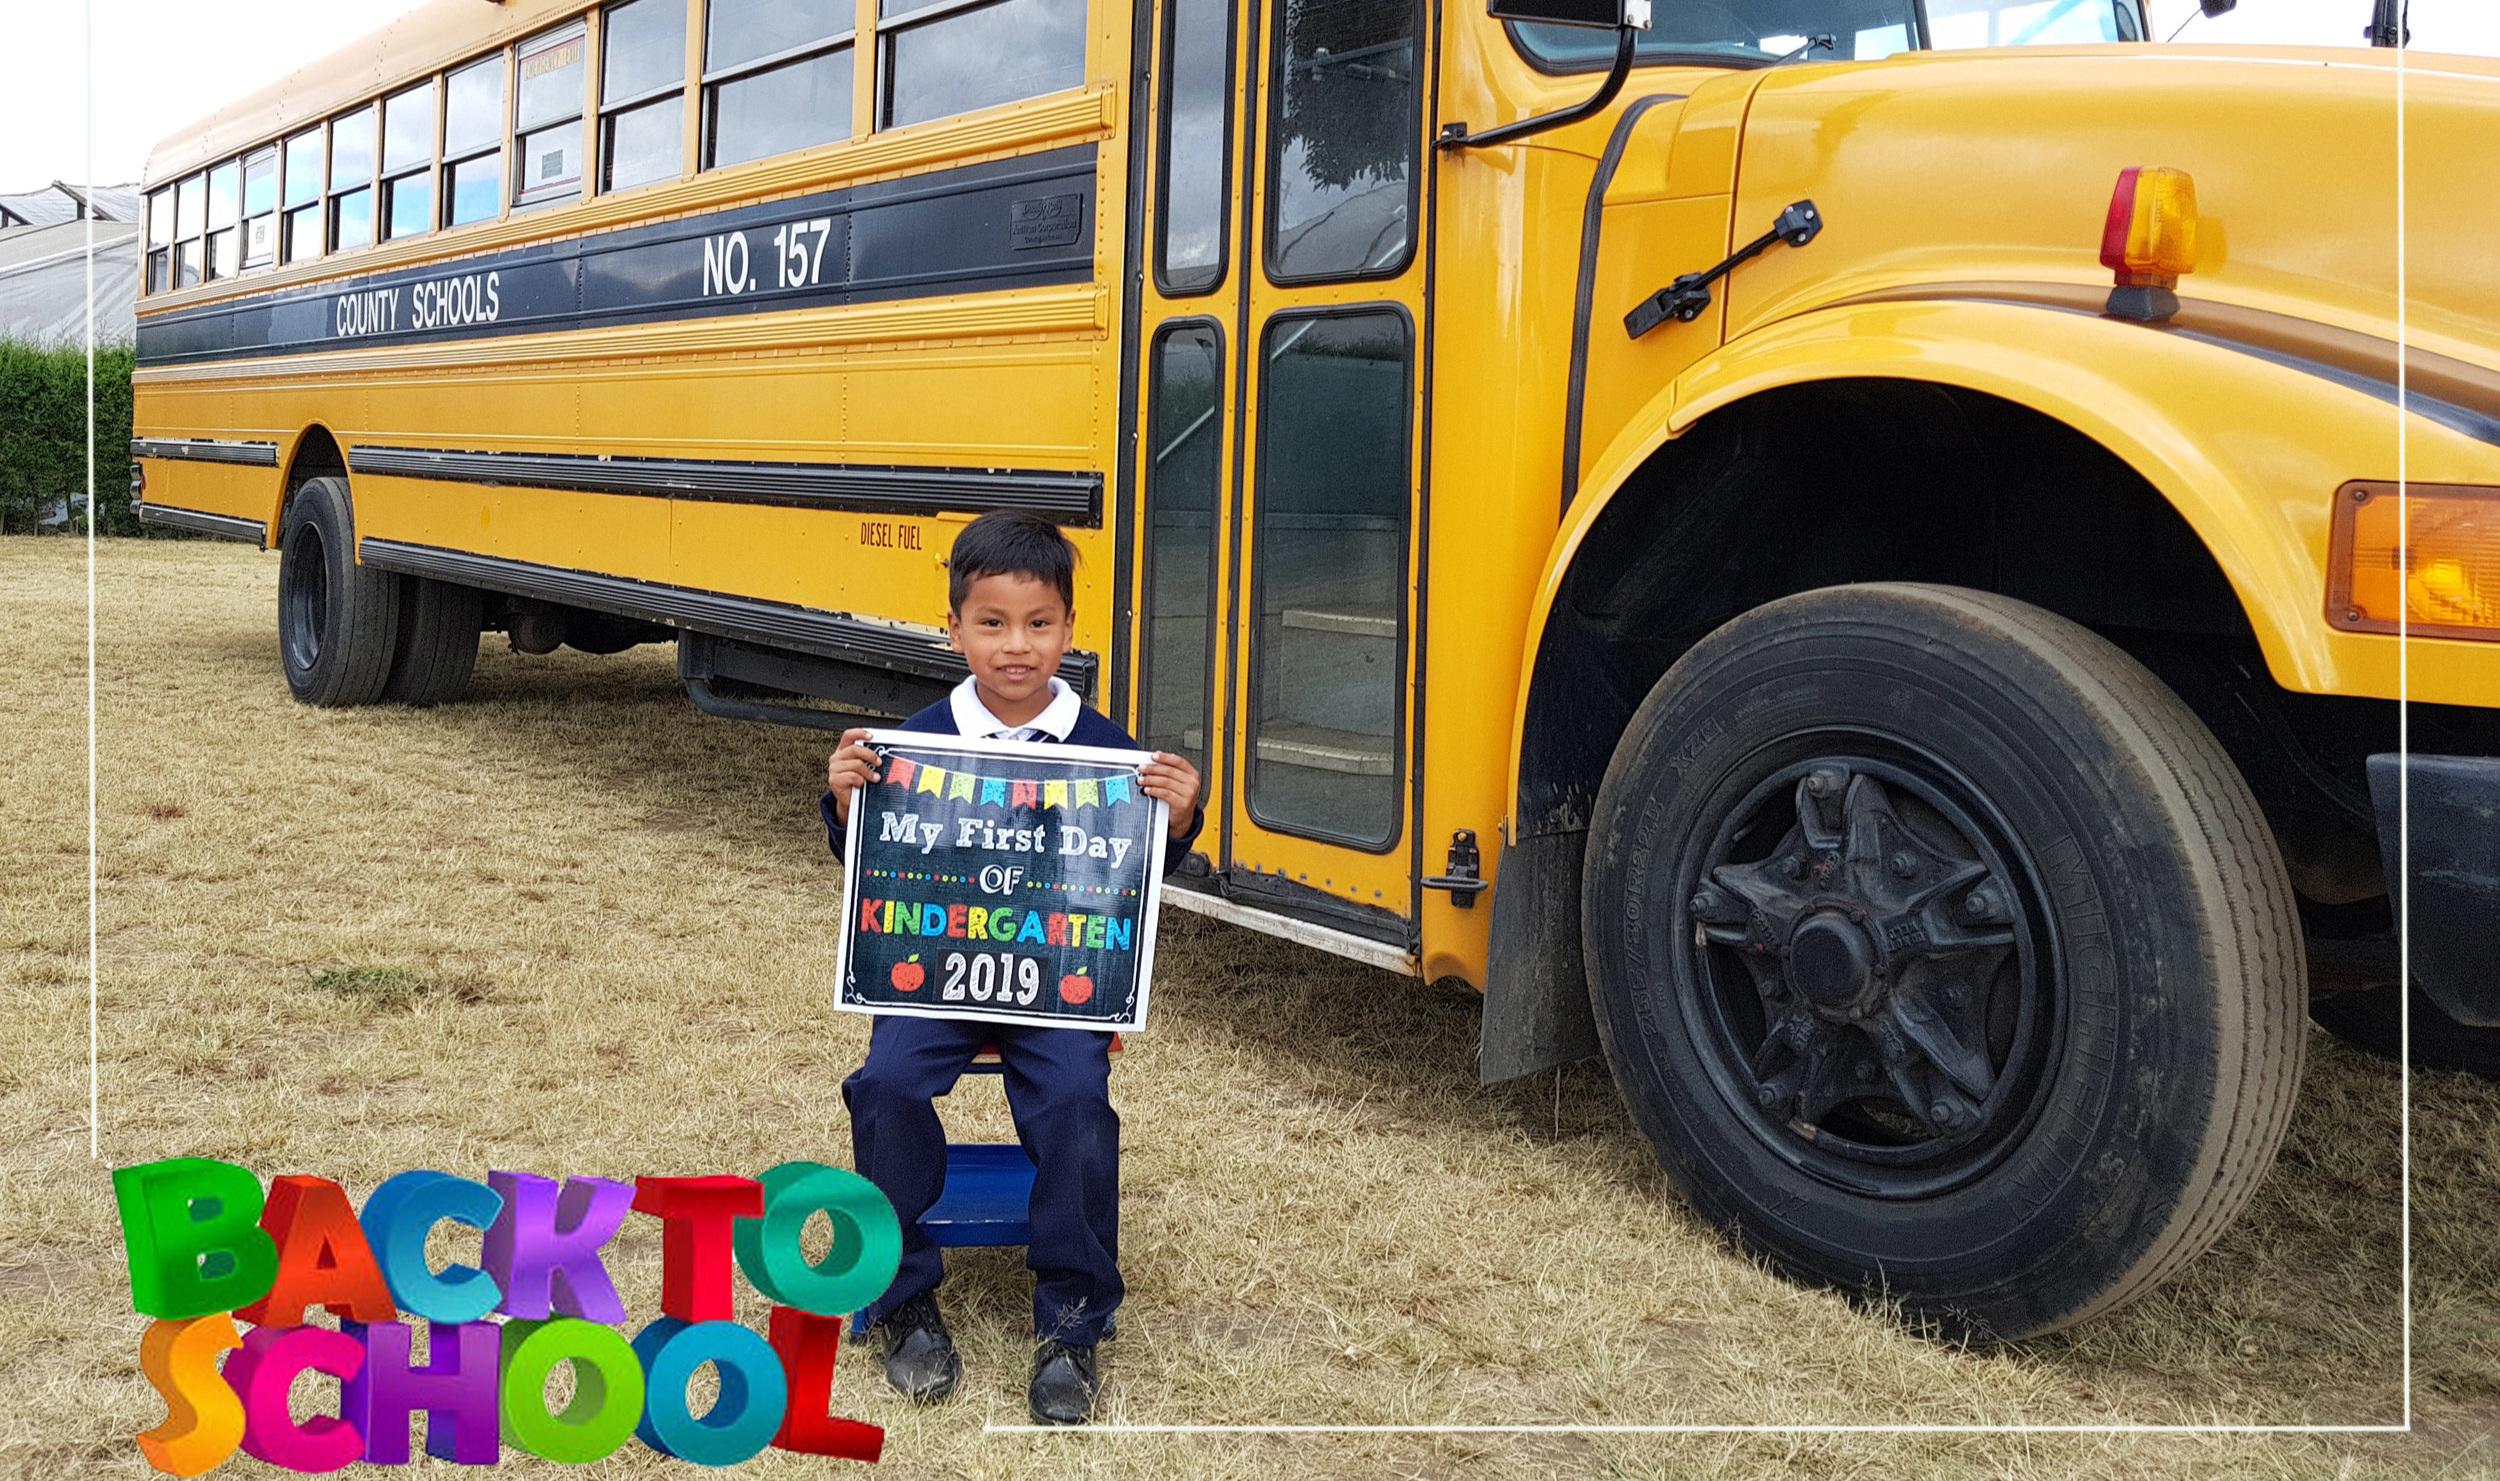 Jorge is in kindergarten